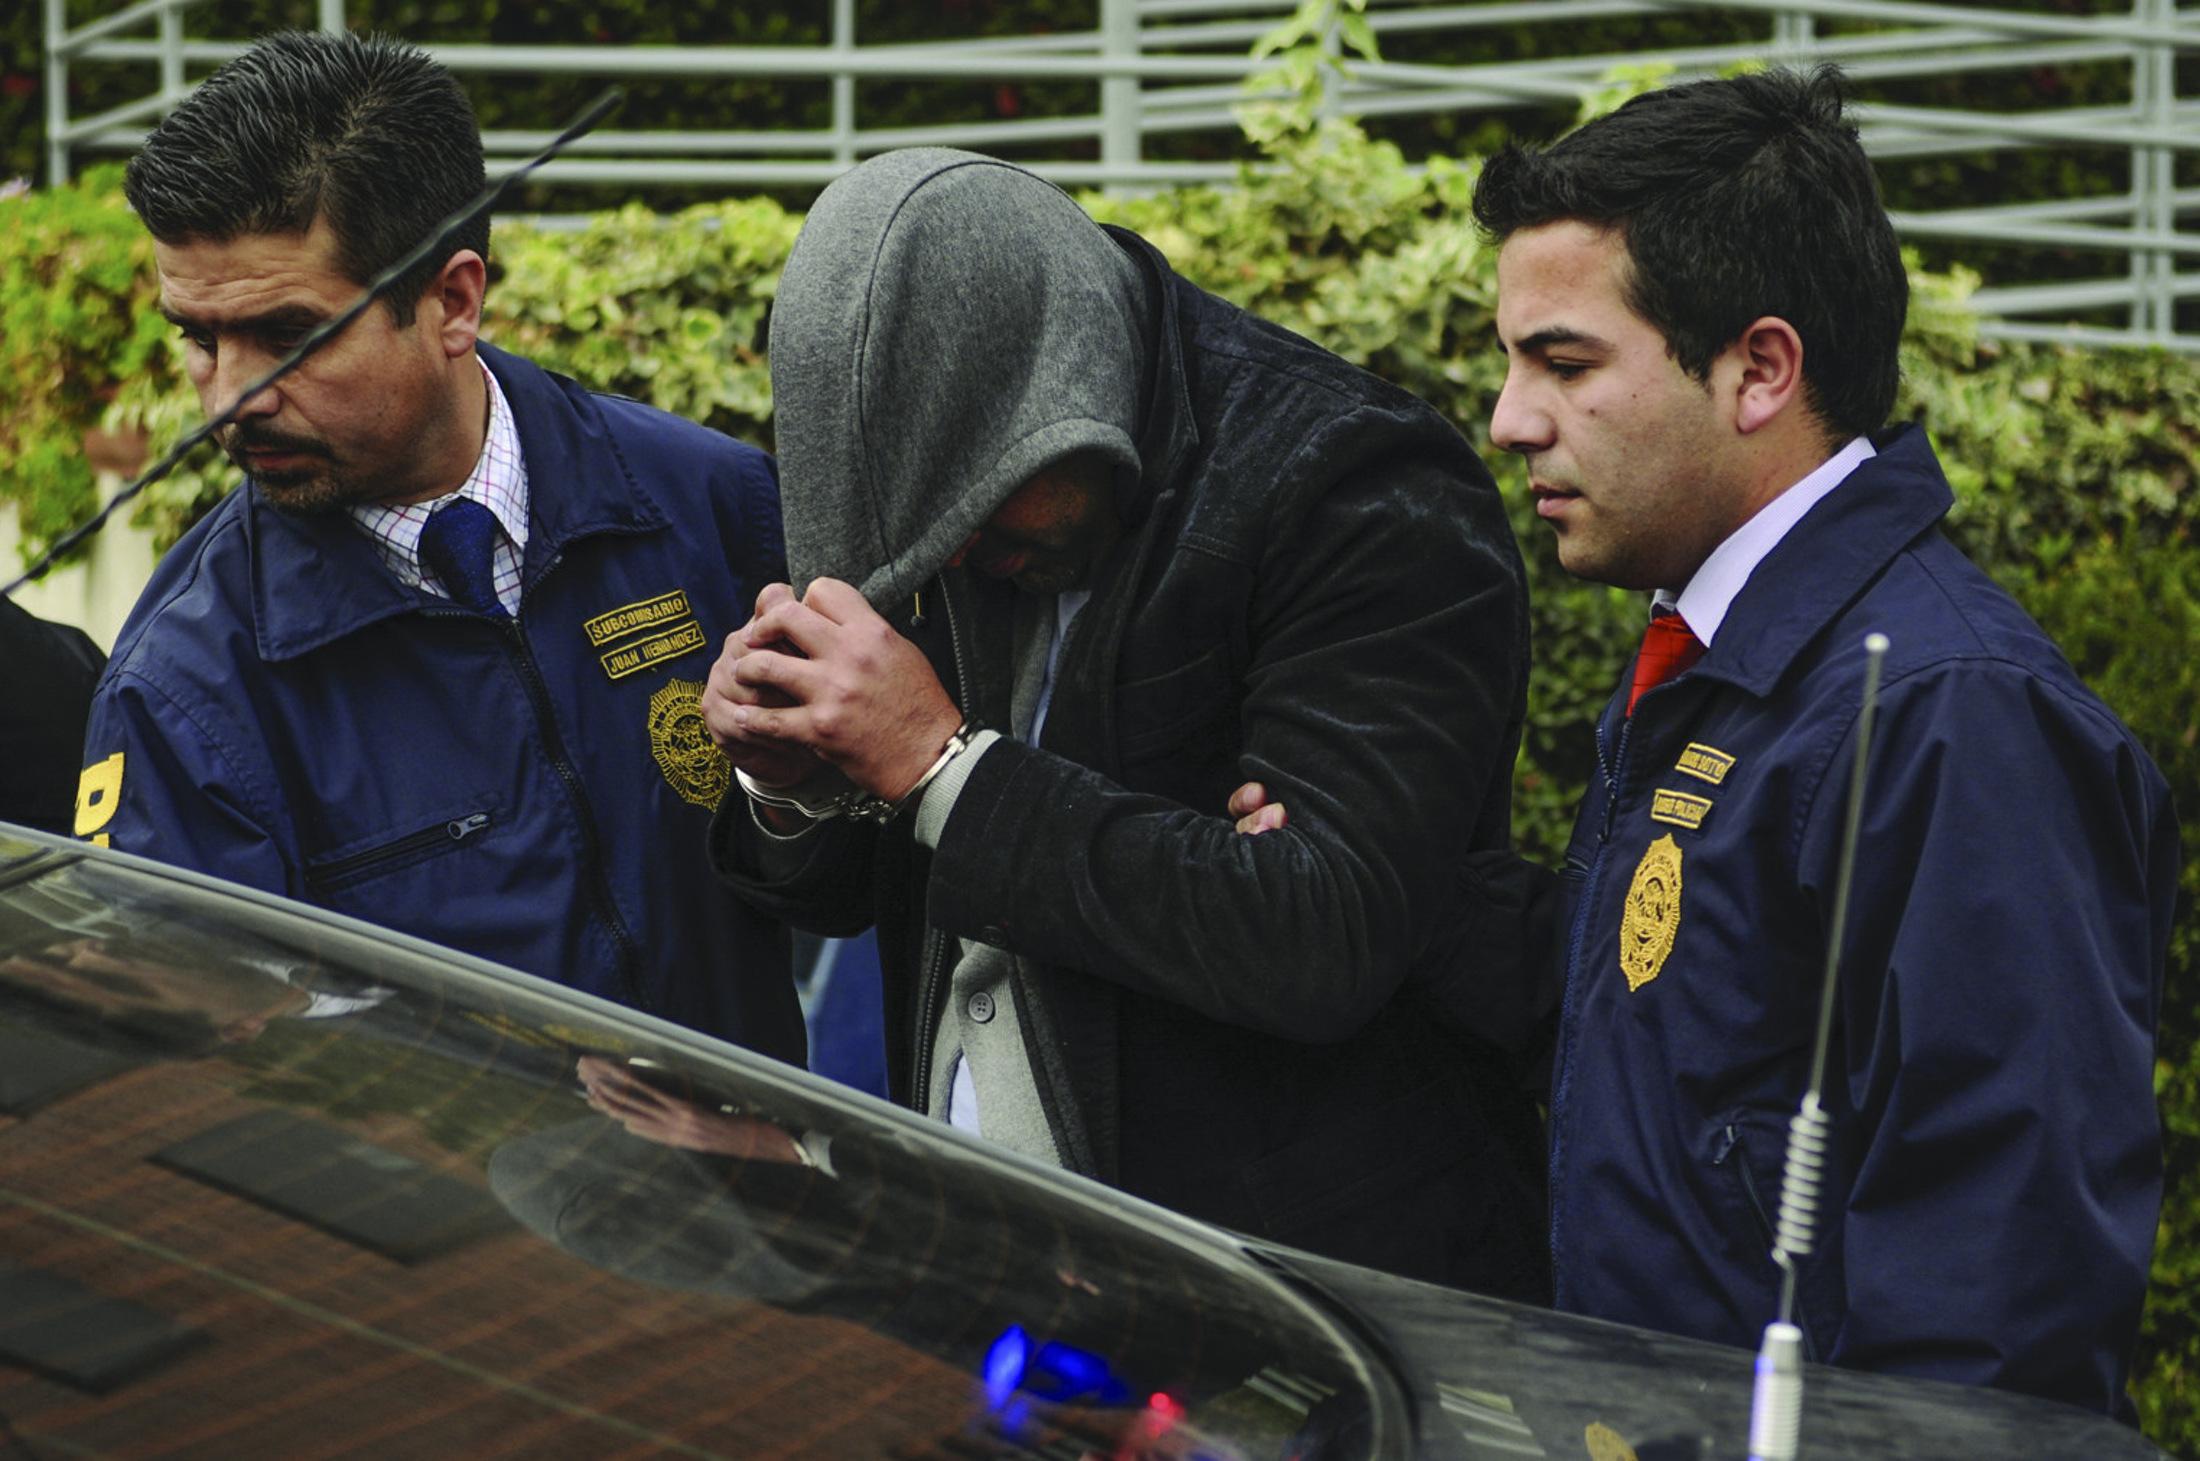 PDI LINARES DETIENE A SUJETO CON 6 ÓRDENES DE DETENCIÓN PENDIENTES